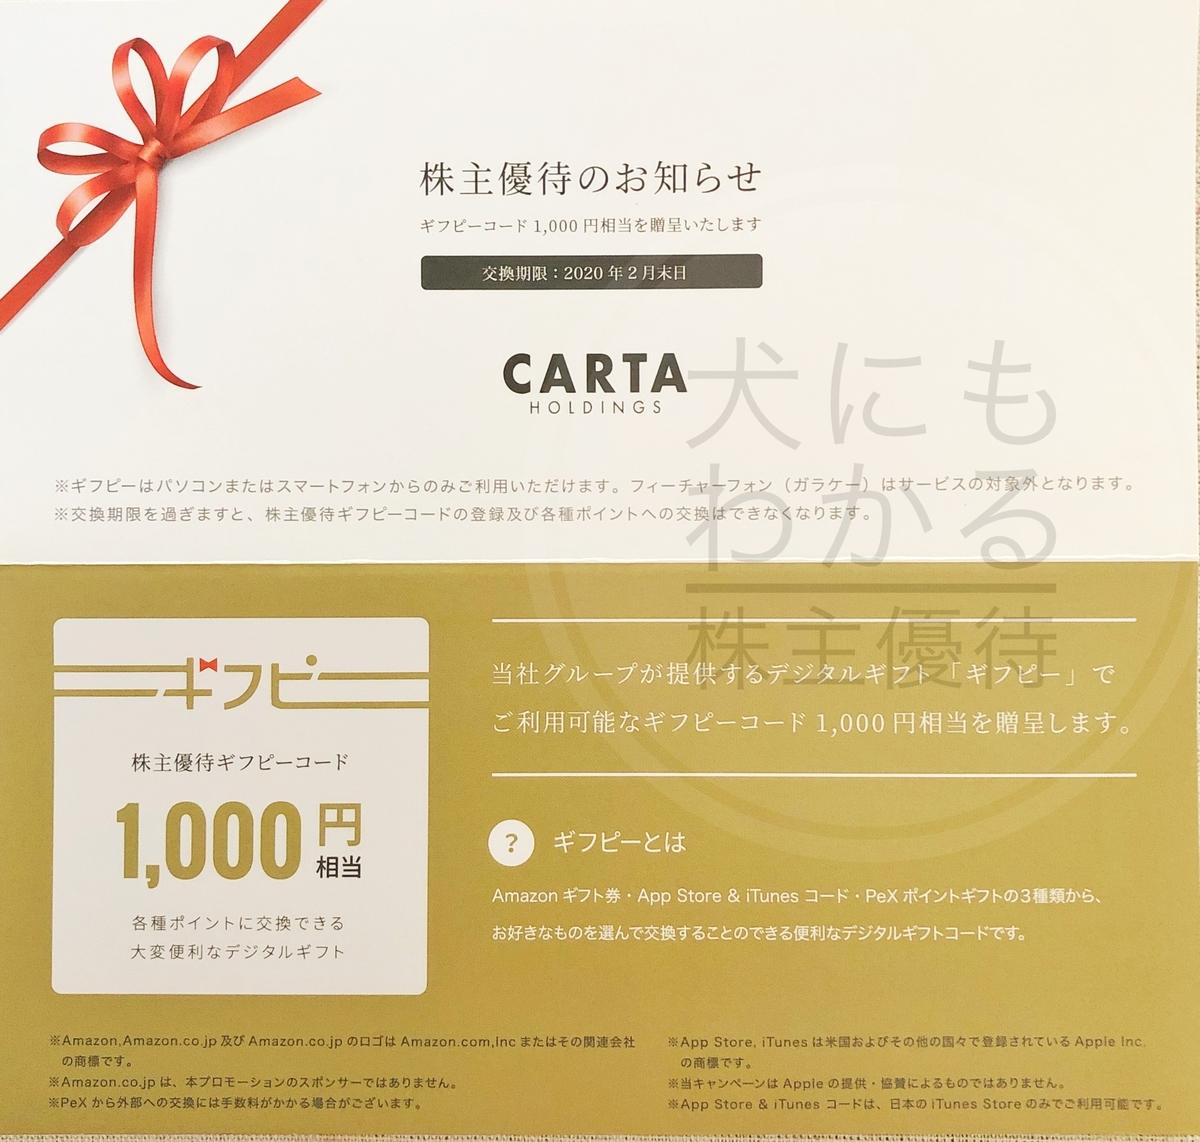 株式会社CARTA HOLDINGS 株主優待品